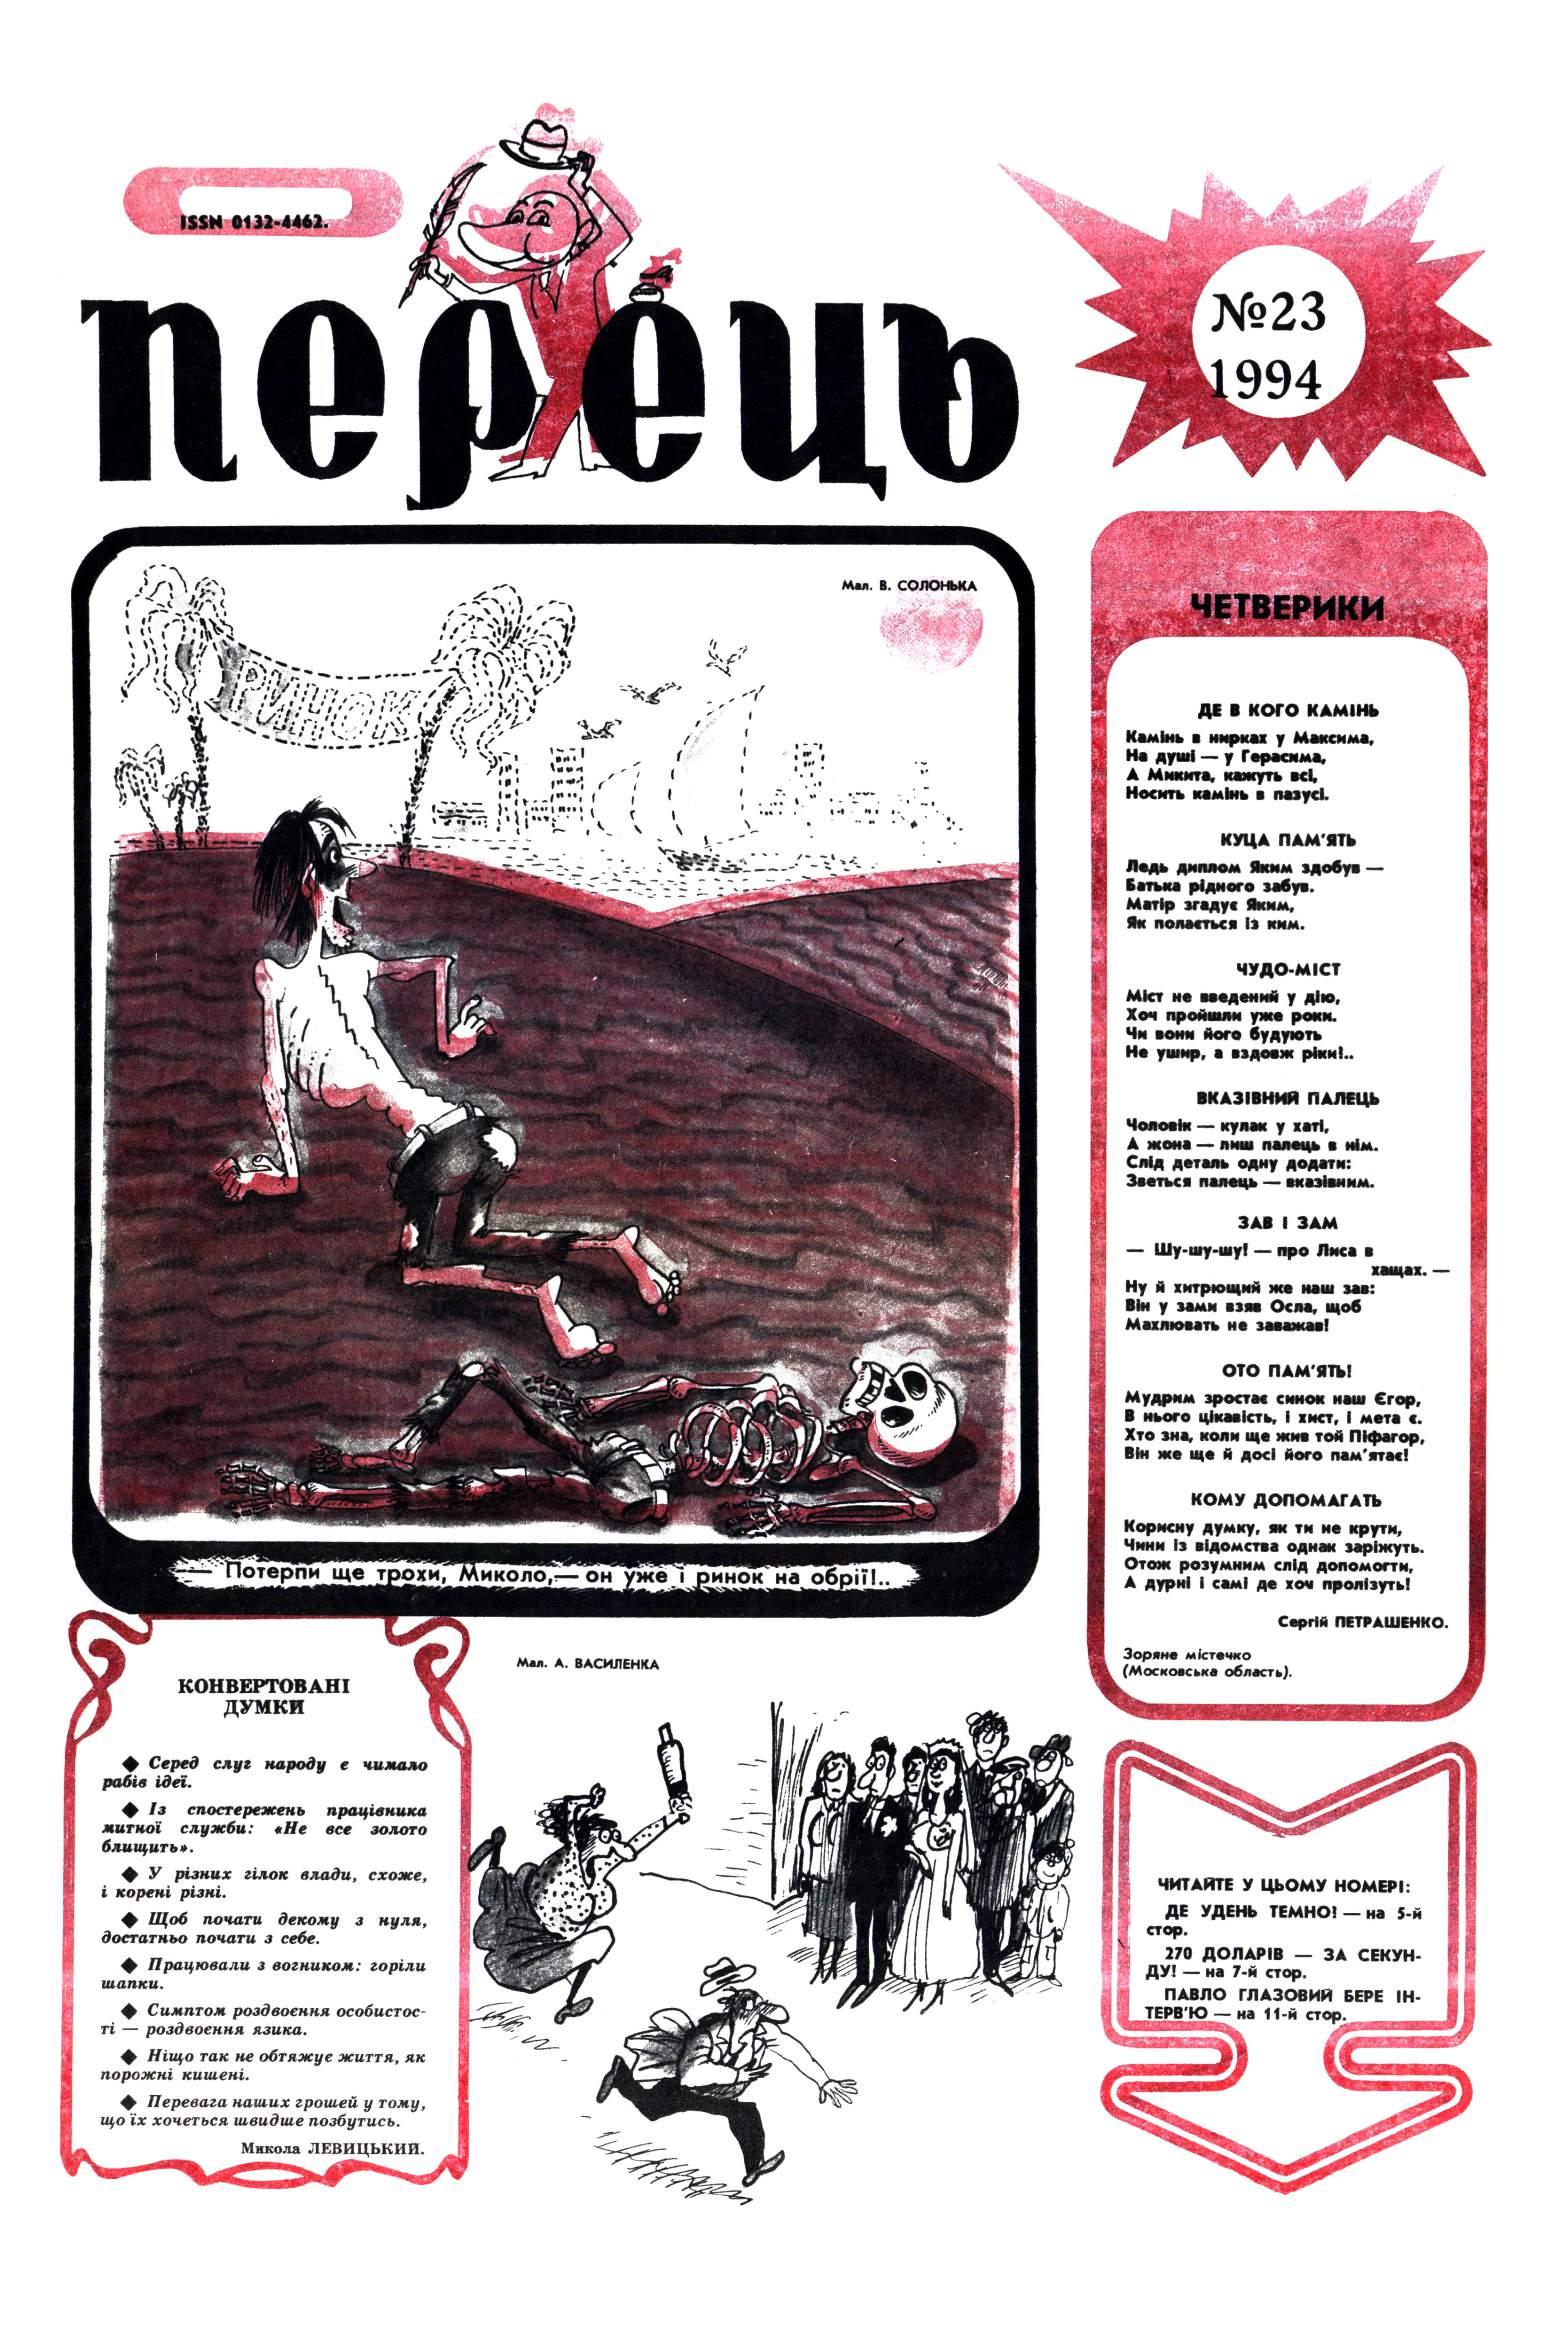 Журнал перець 1994 №23